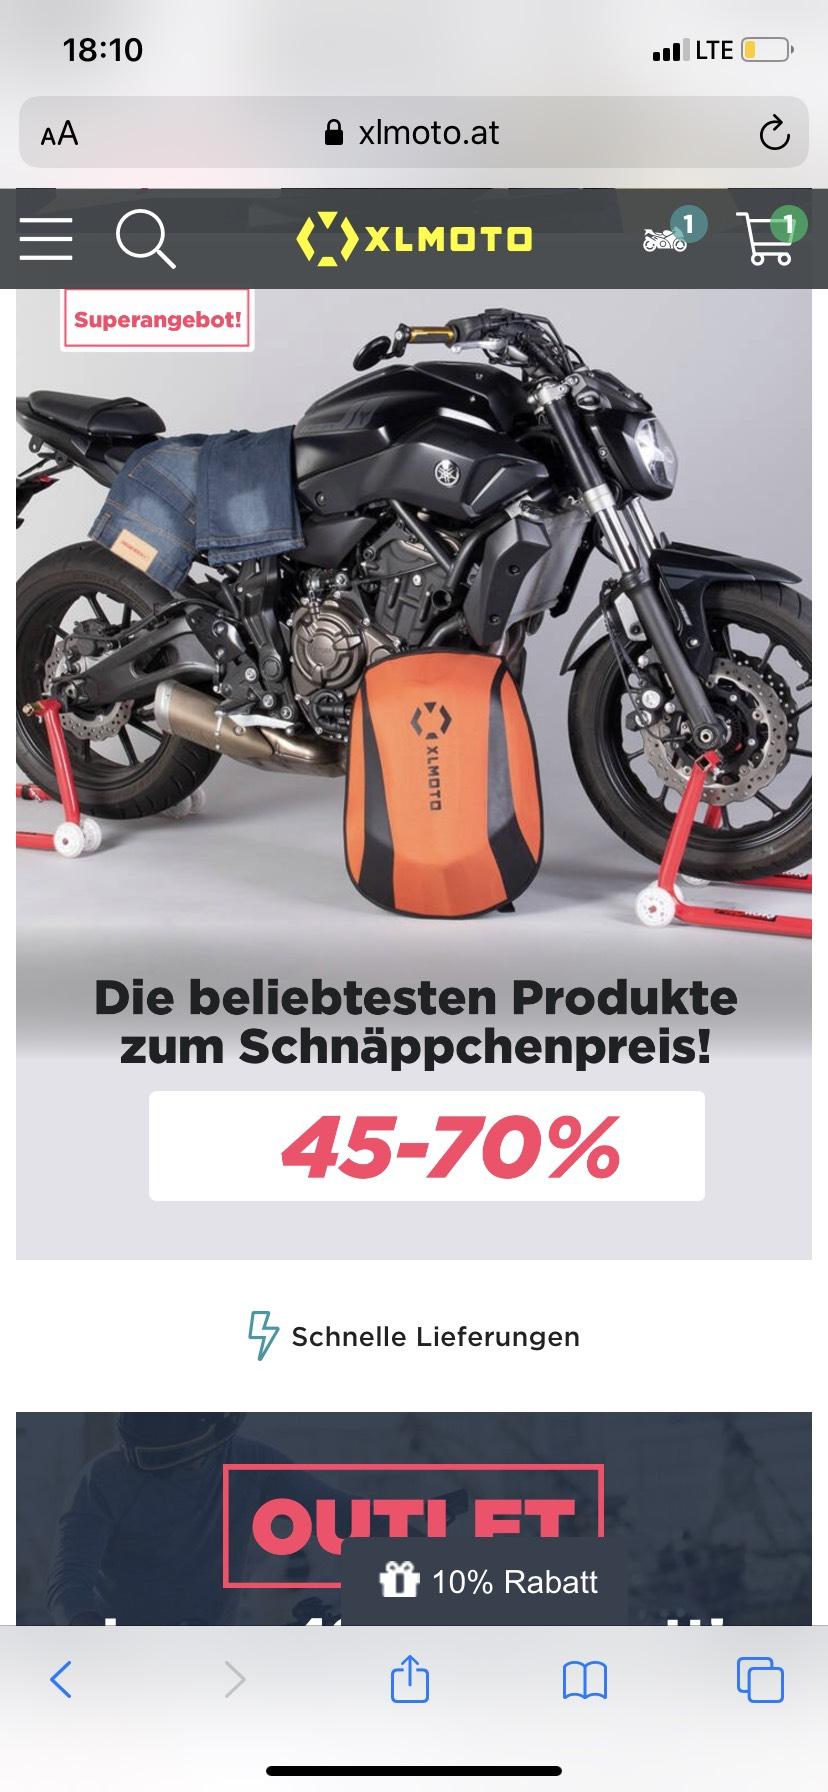 Xlmoto 45-70% und zusätzlich 10% mit den Gutscheincode